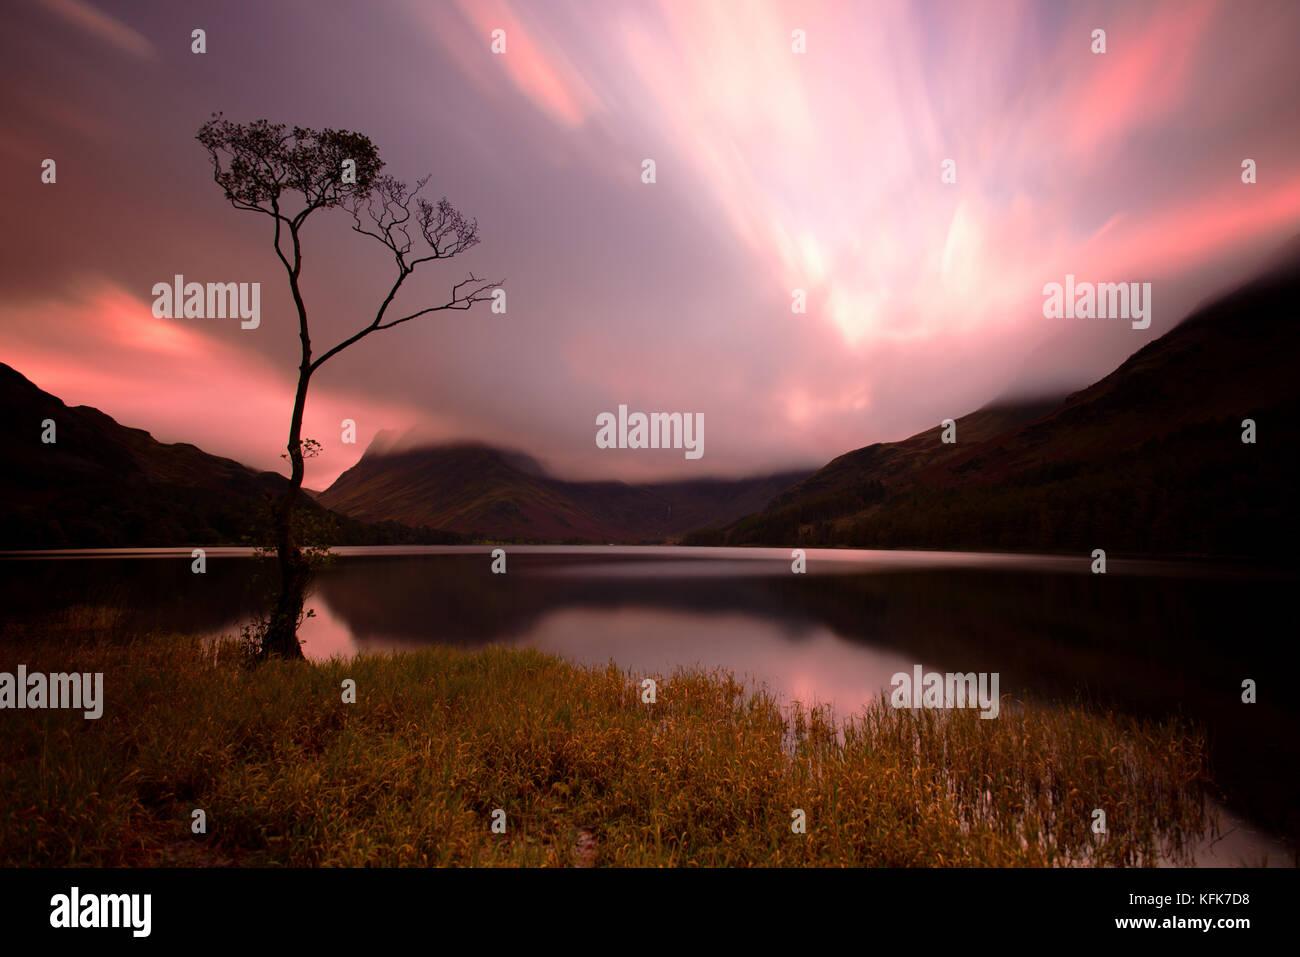 Arbre isolé sur la hure, Cumbria, lake district. l'Angleterre. Banque D'Images